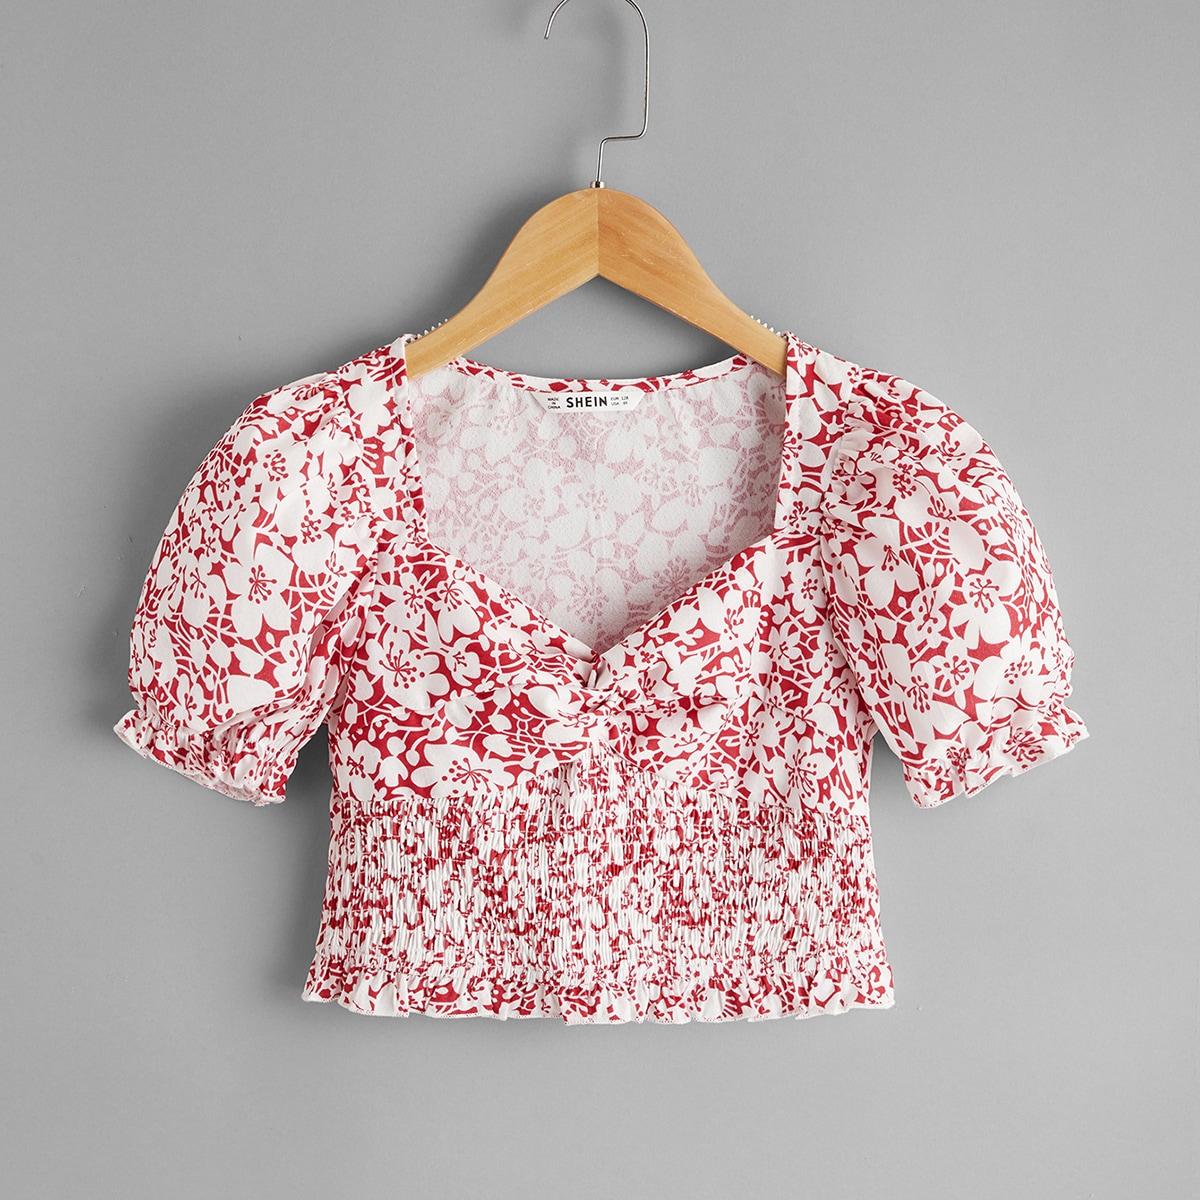 Топ с драпировкой и цветочным принтом для девочек от SHEIN